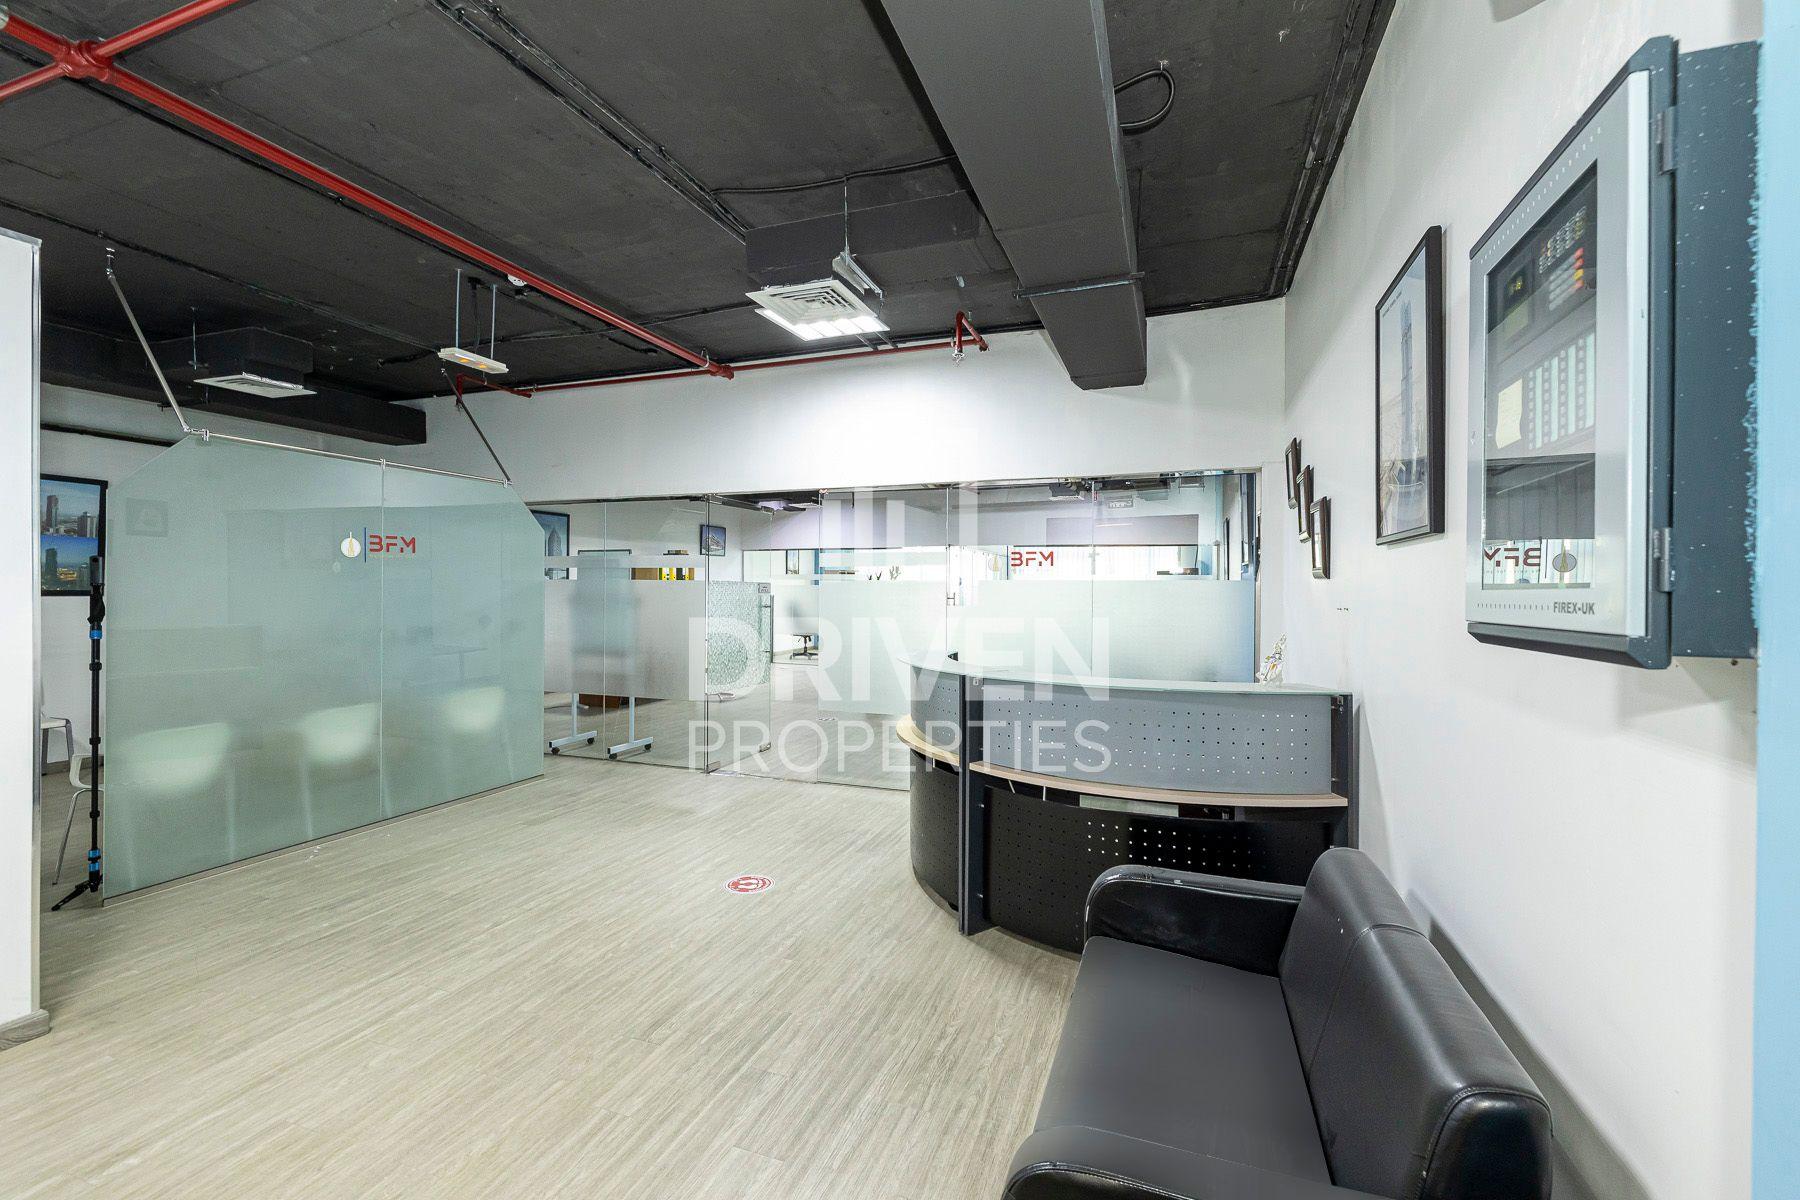 1,698 قدم مربع  مكتب - للايجار - مجمع دبي للإستثمار